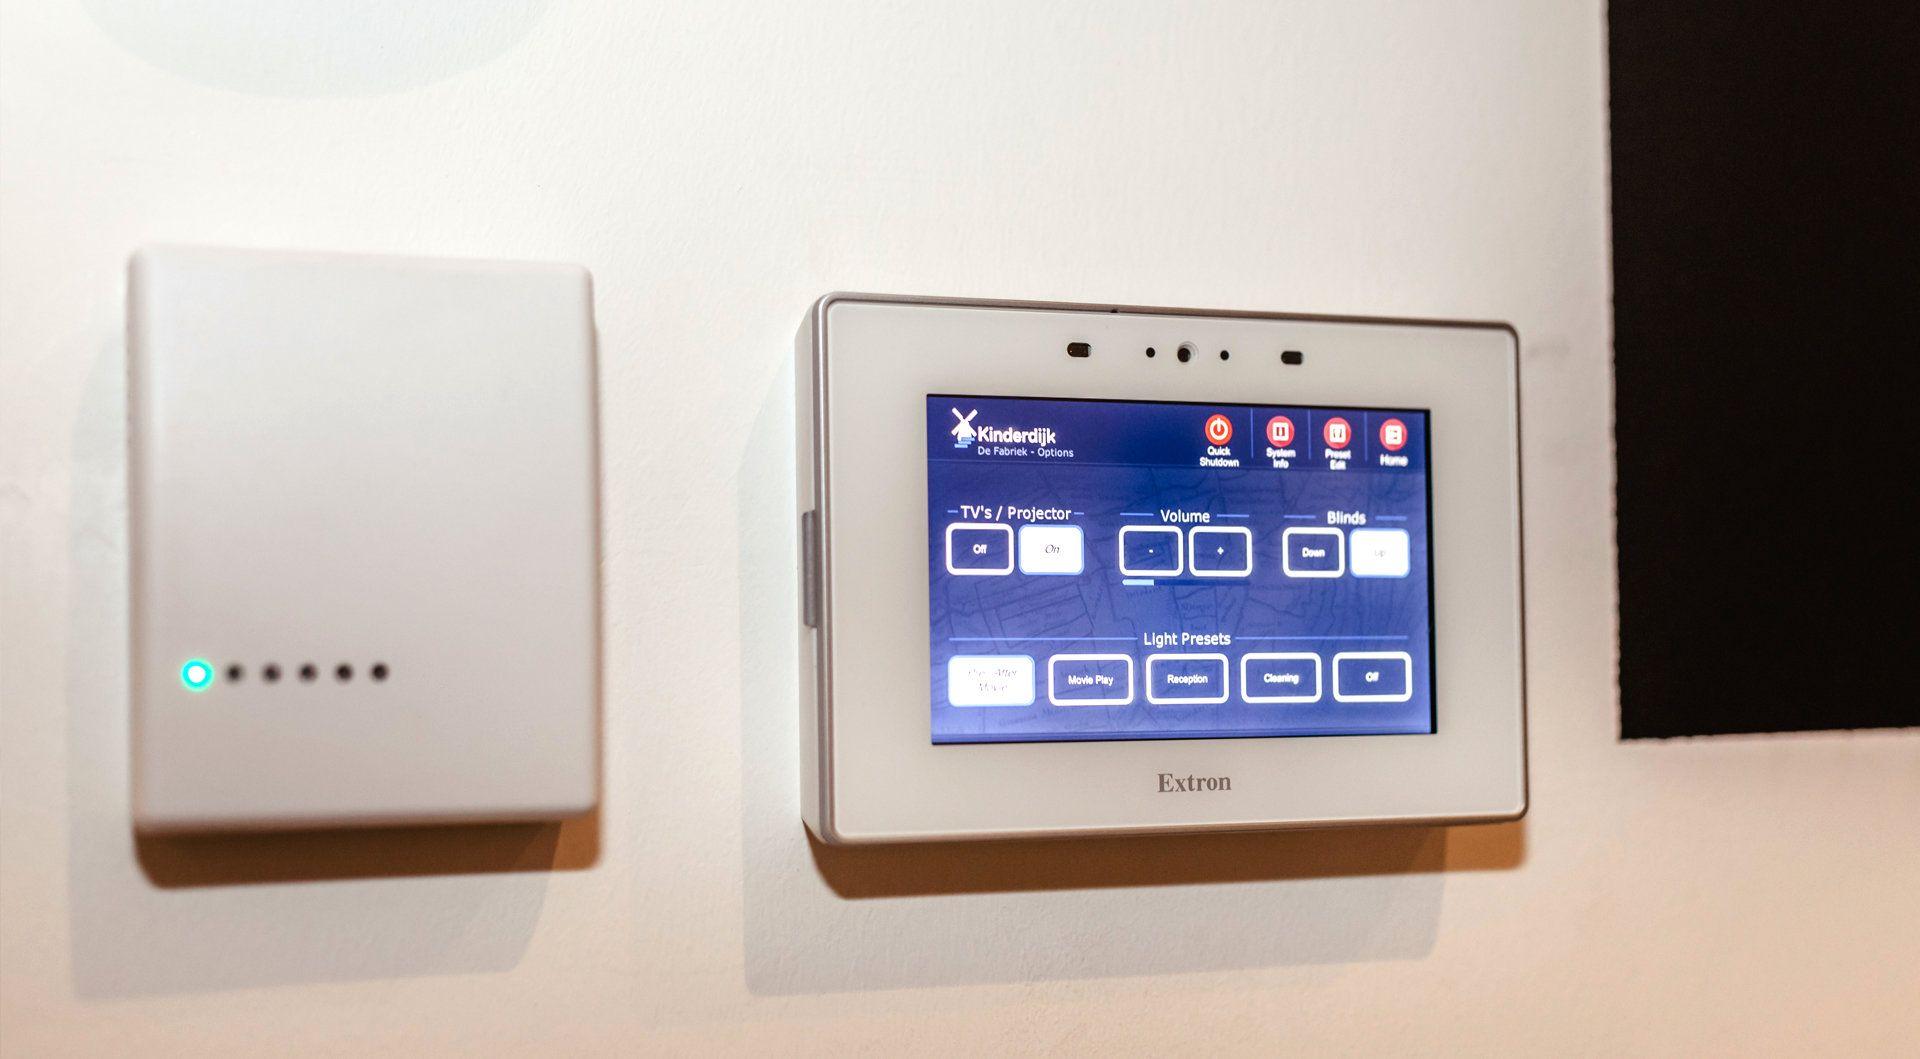 Extron FOX 3G HD-SDI Grijs - Case studie Kinderdijk - Bediening